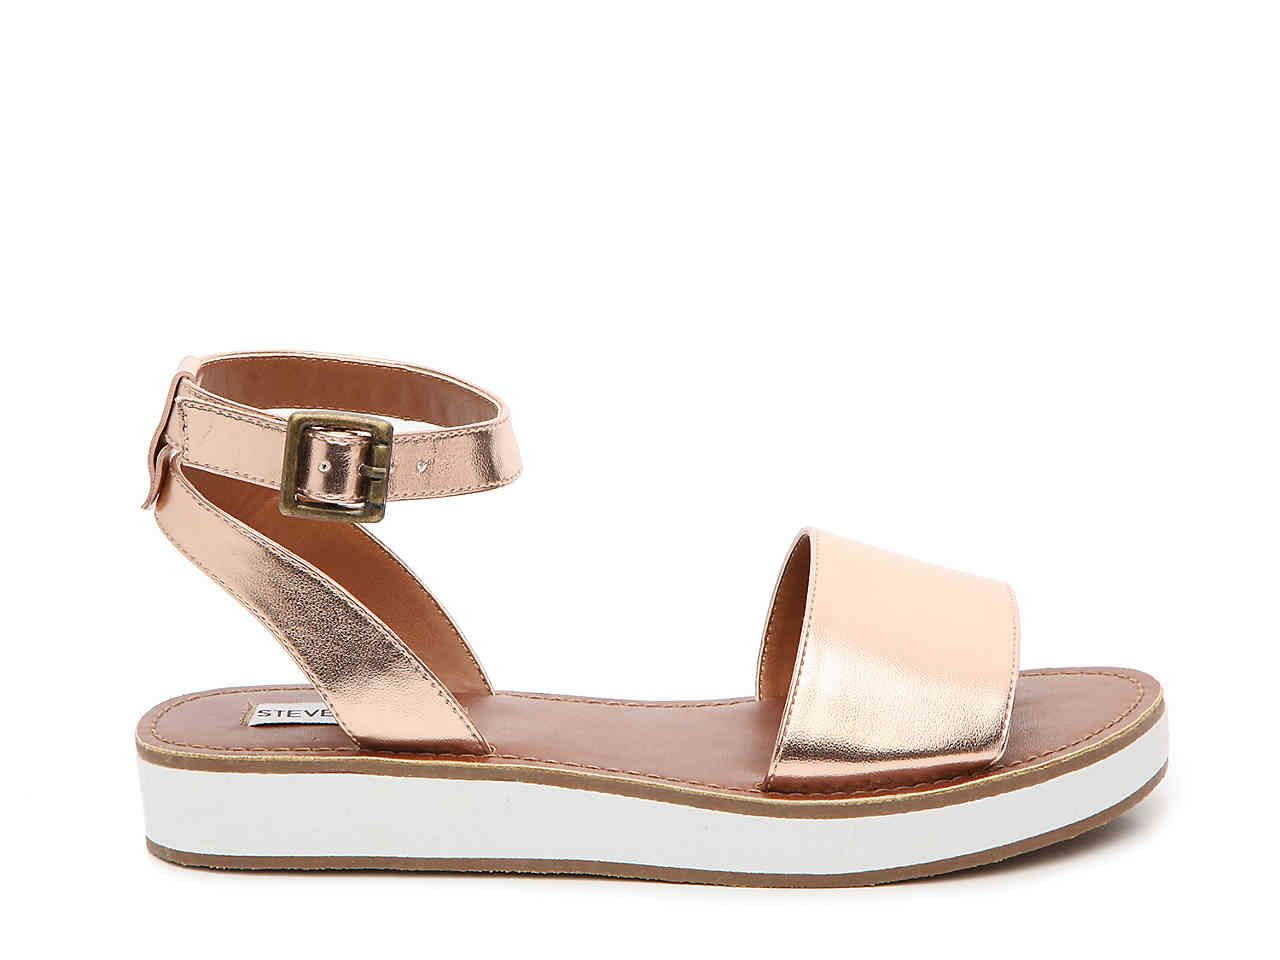 Steve Madden Miley Wedge Sandal Women's Shoes | DSW